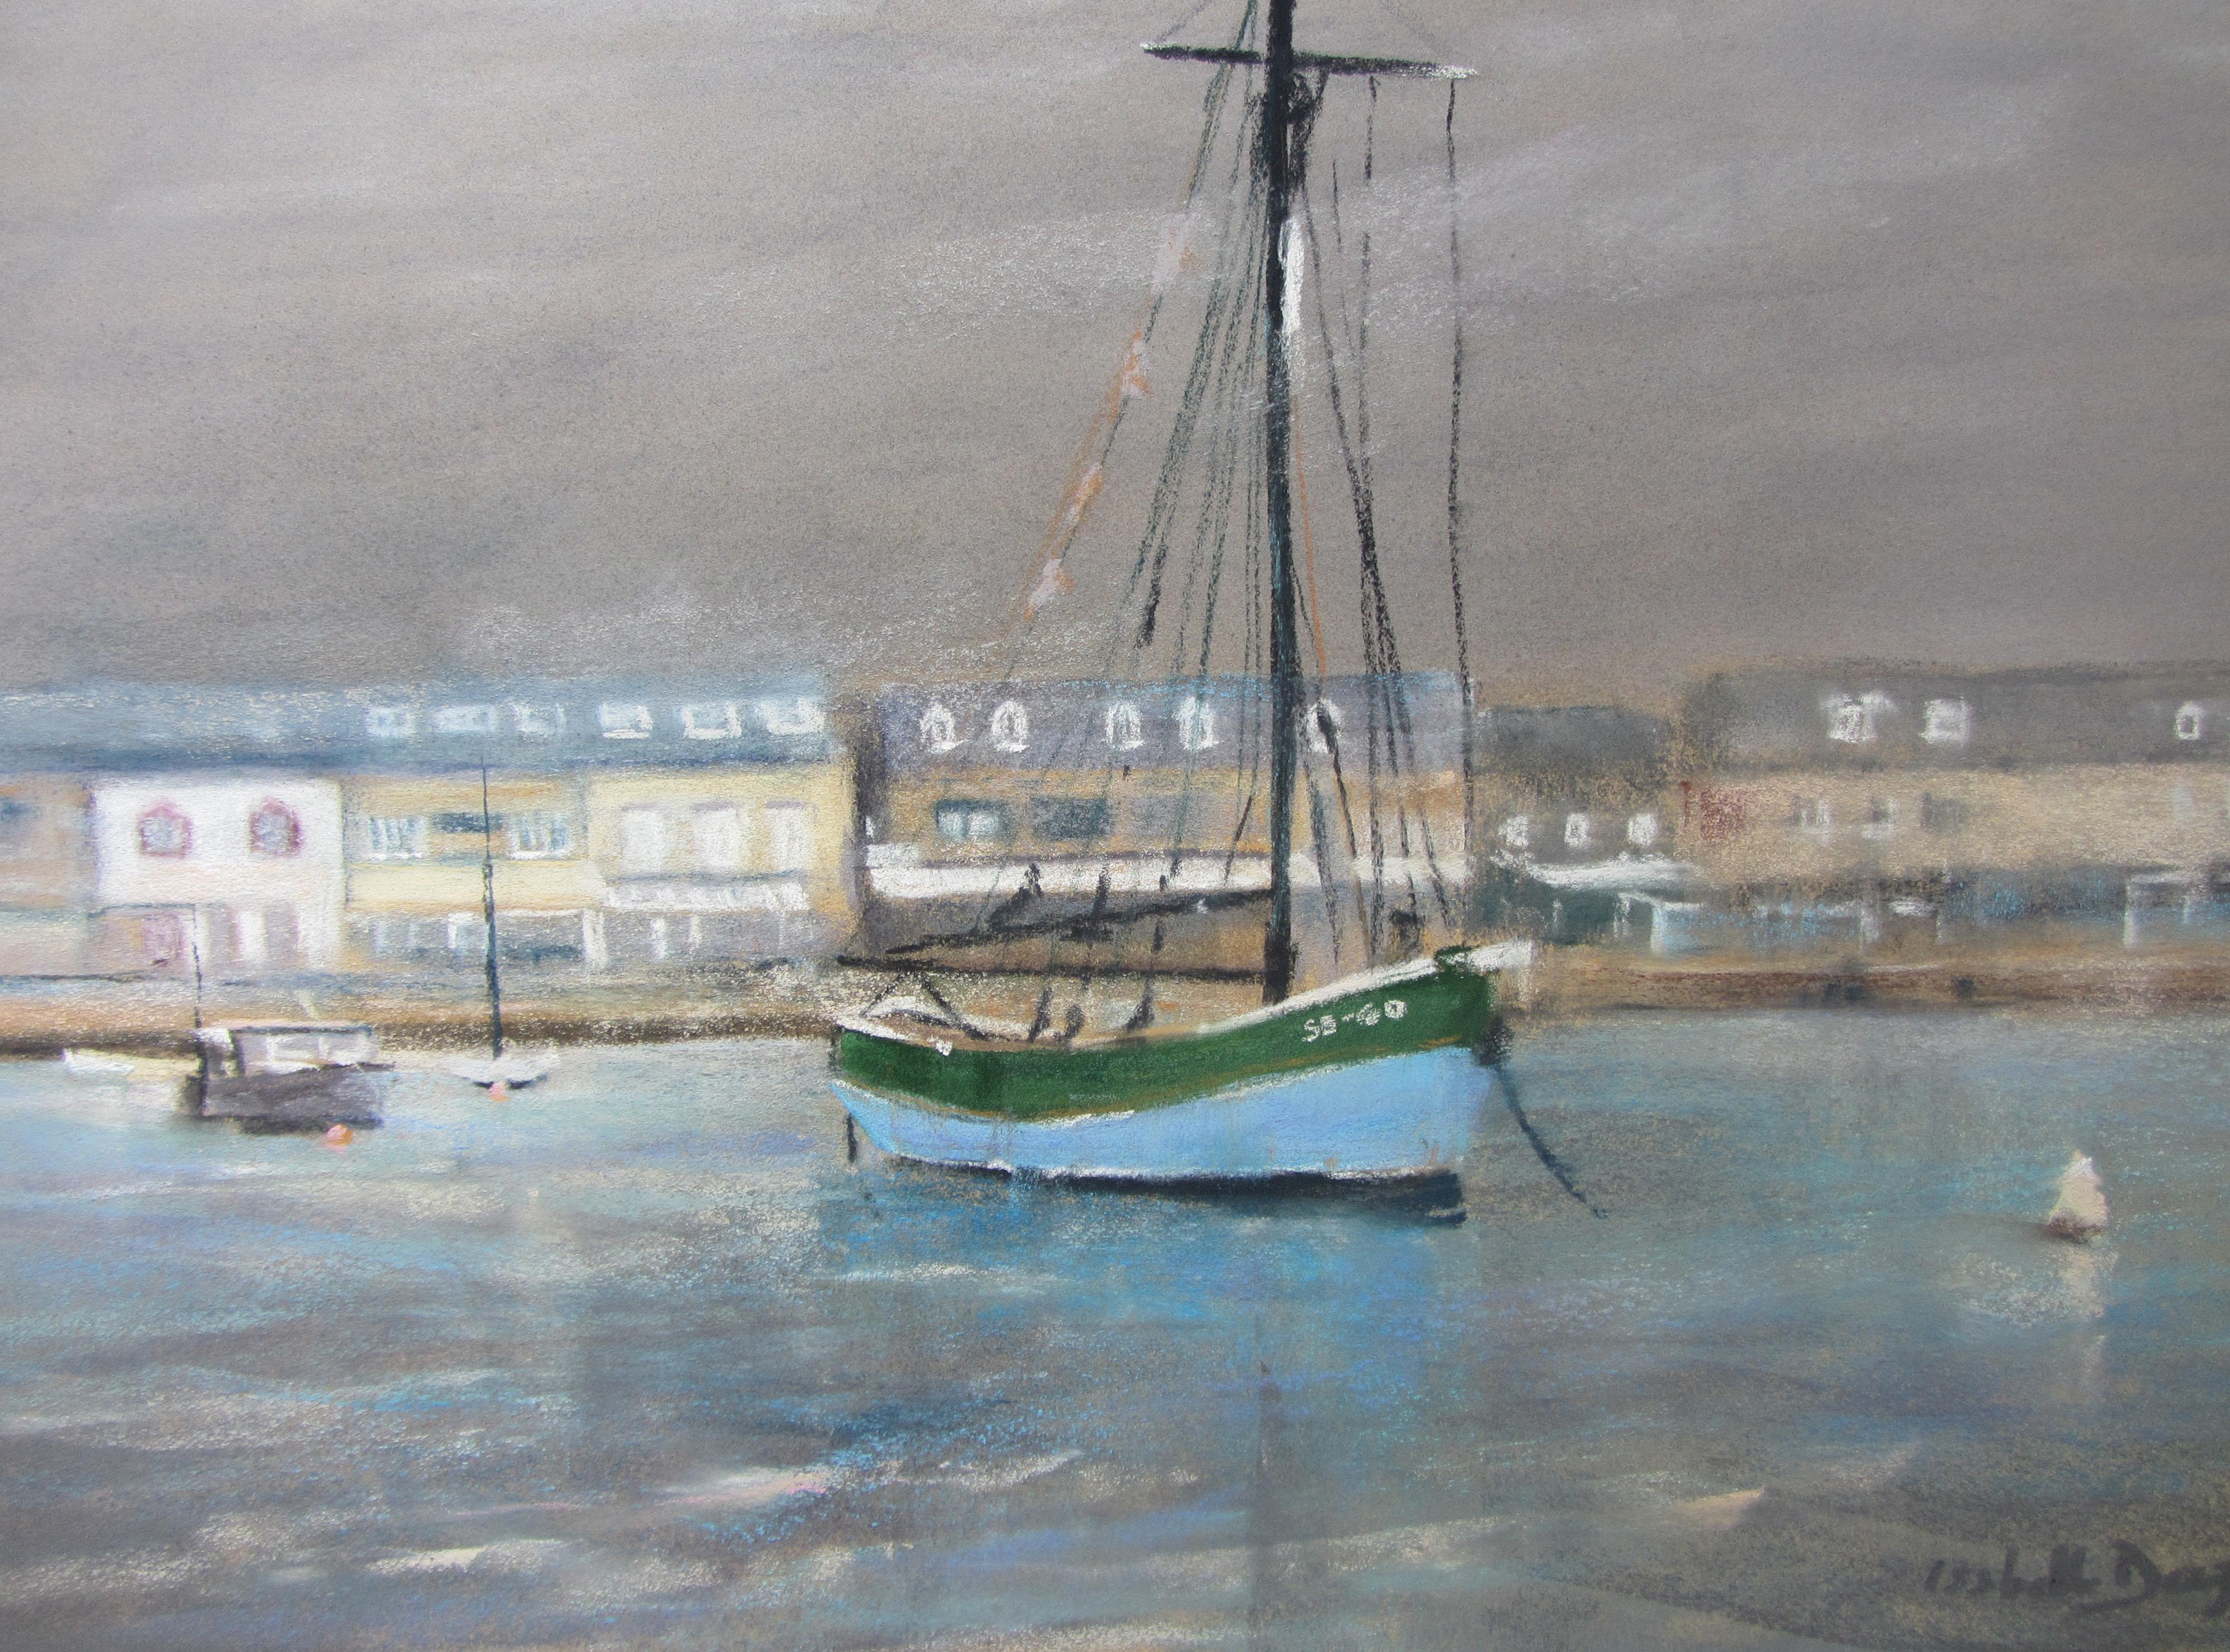 Erquy le port - Peinture au pastel sec par Isabelle Douzamy - 59x39 cm